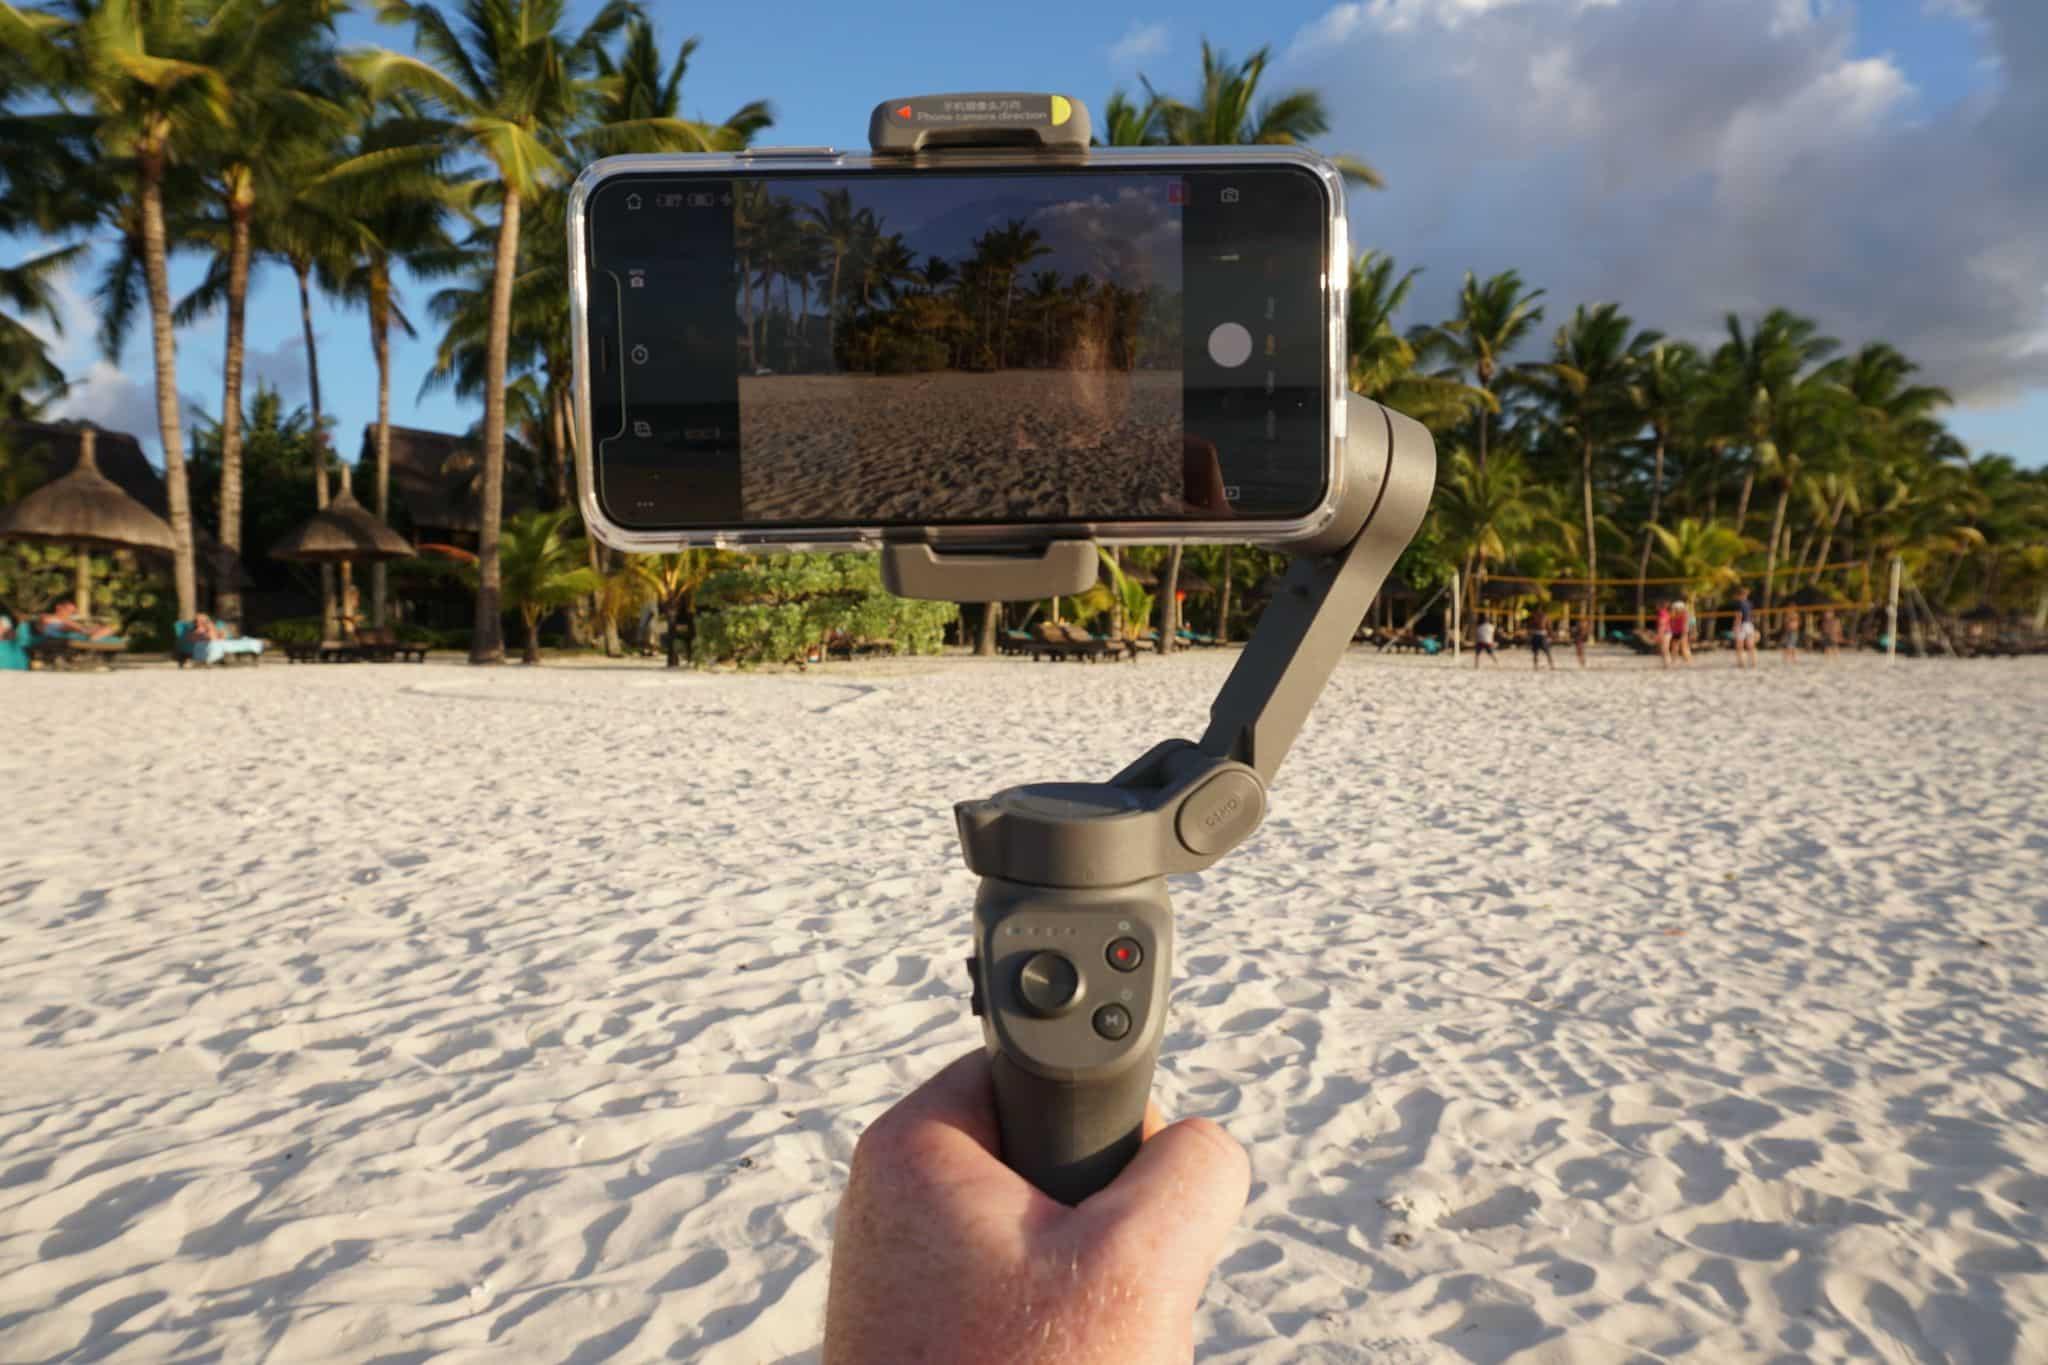 DJI Osmo Mobile 3 im Test: Ist der Gimbal aktuell der beste Smartphone-Stabilizer auf dem Markt? Wir haben es im Urlaub auf der Insel Mauritius ausführlich getestet. Foto: Sascha Tegtmeyer